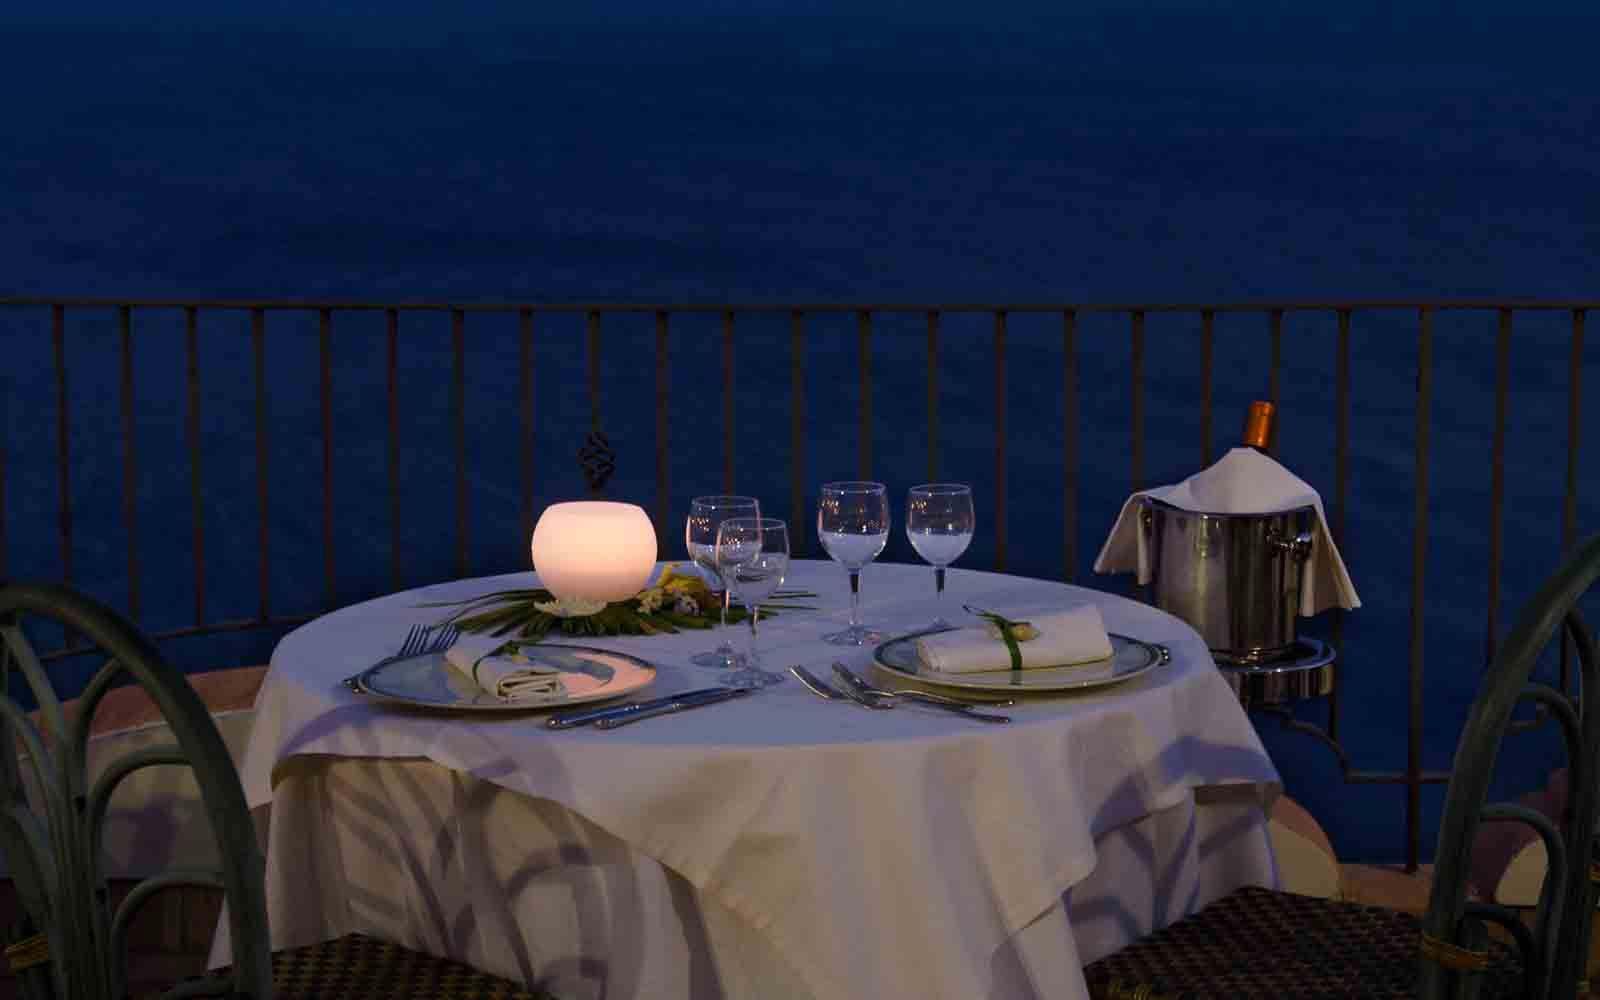 Candlelit outdoor dinning at Hotel Baia Taormina